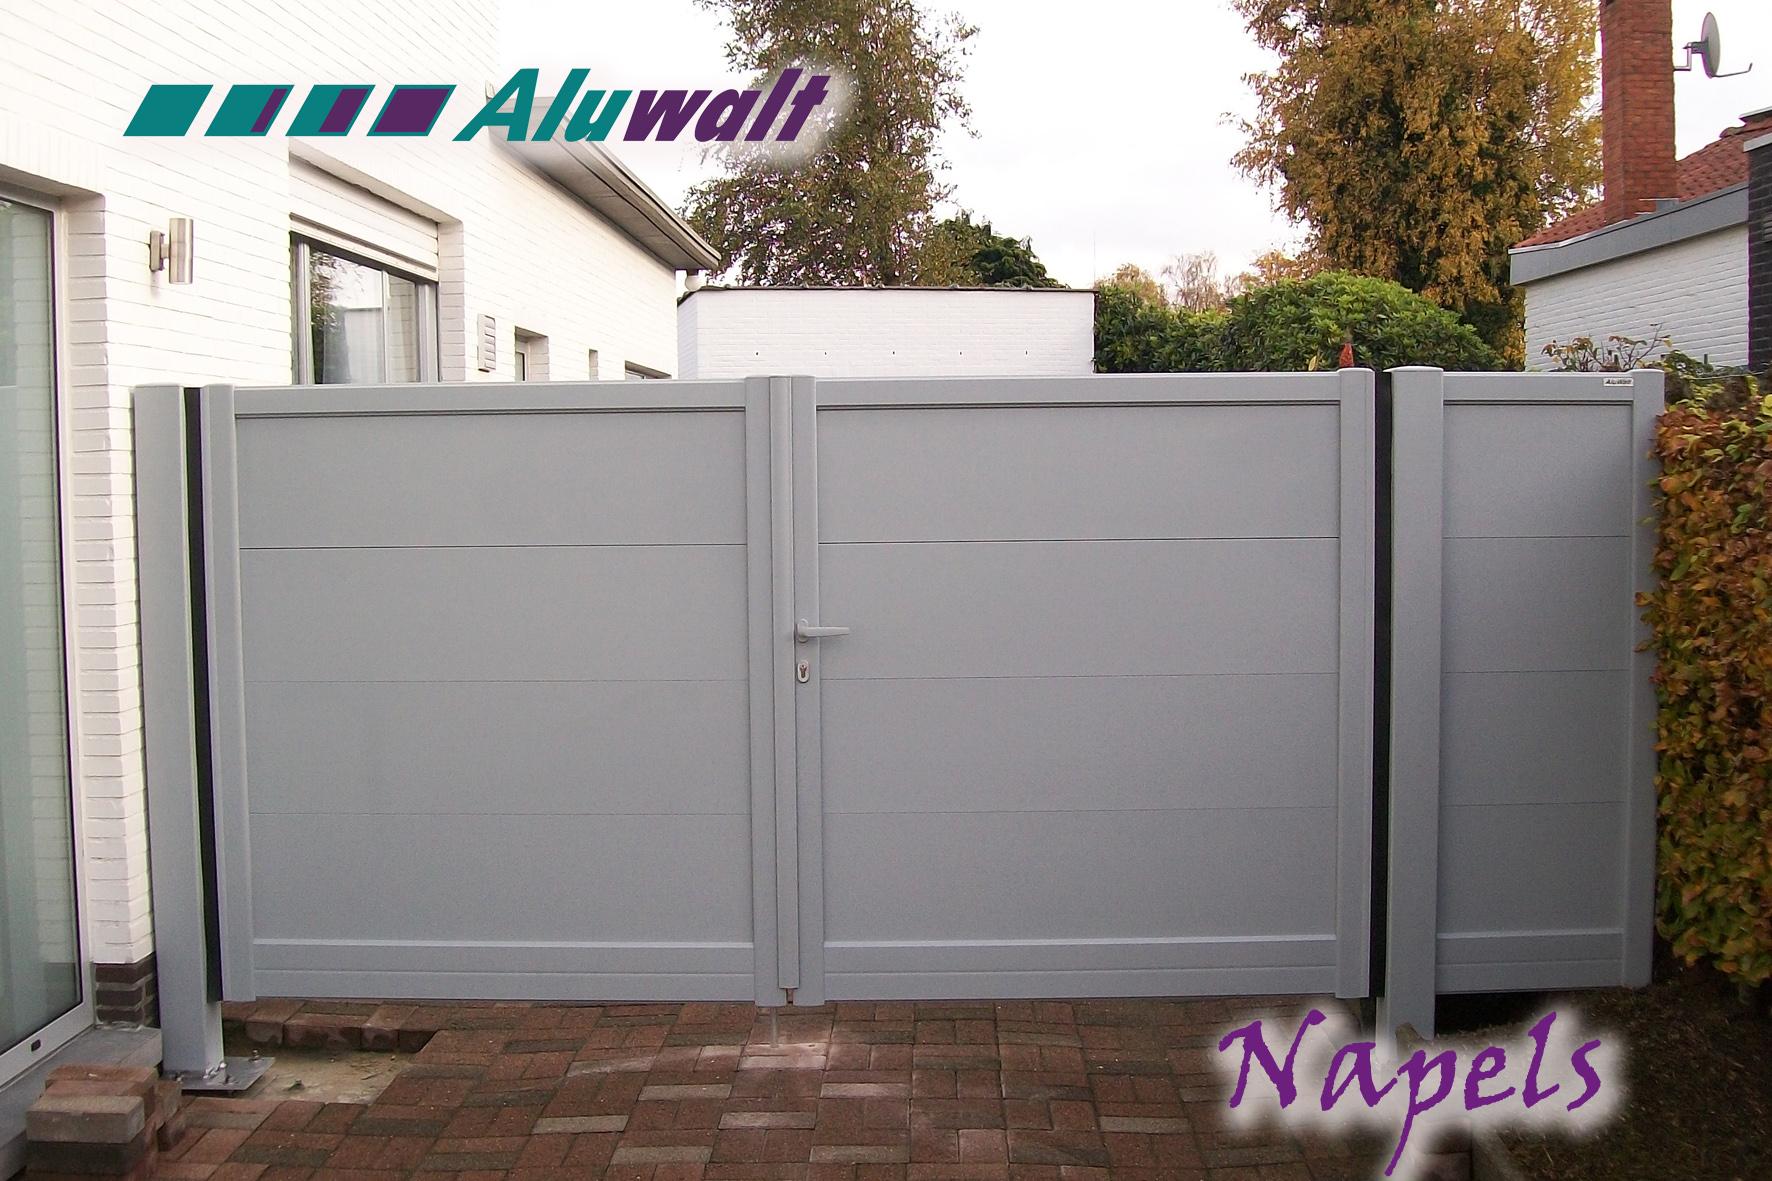 Napels6